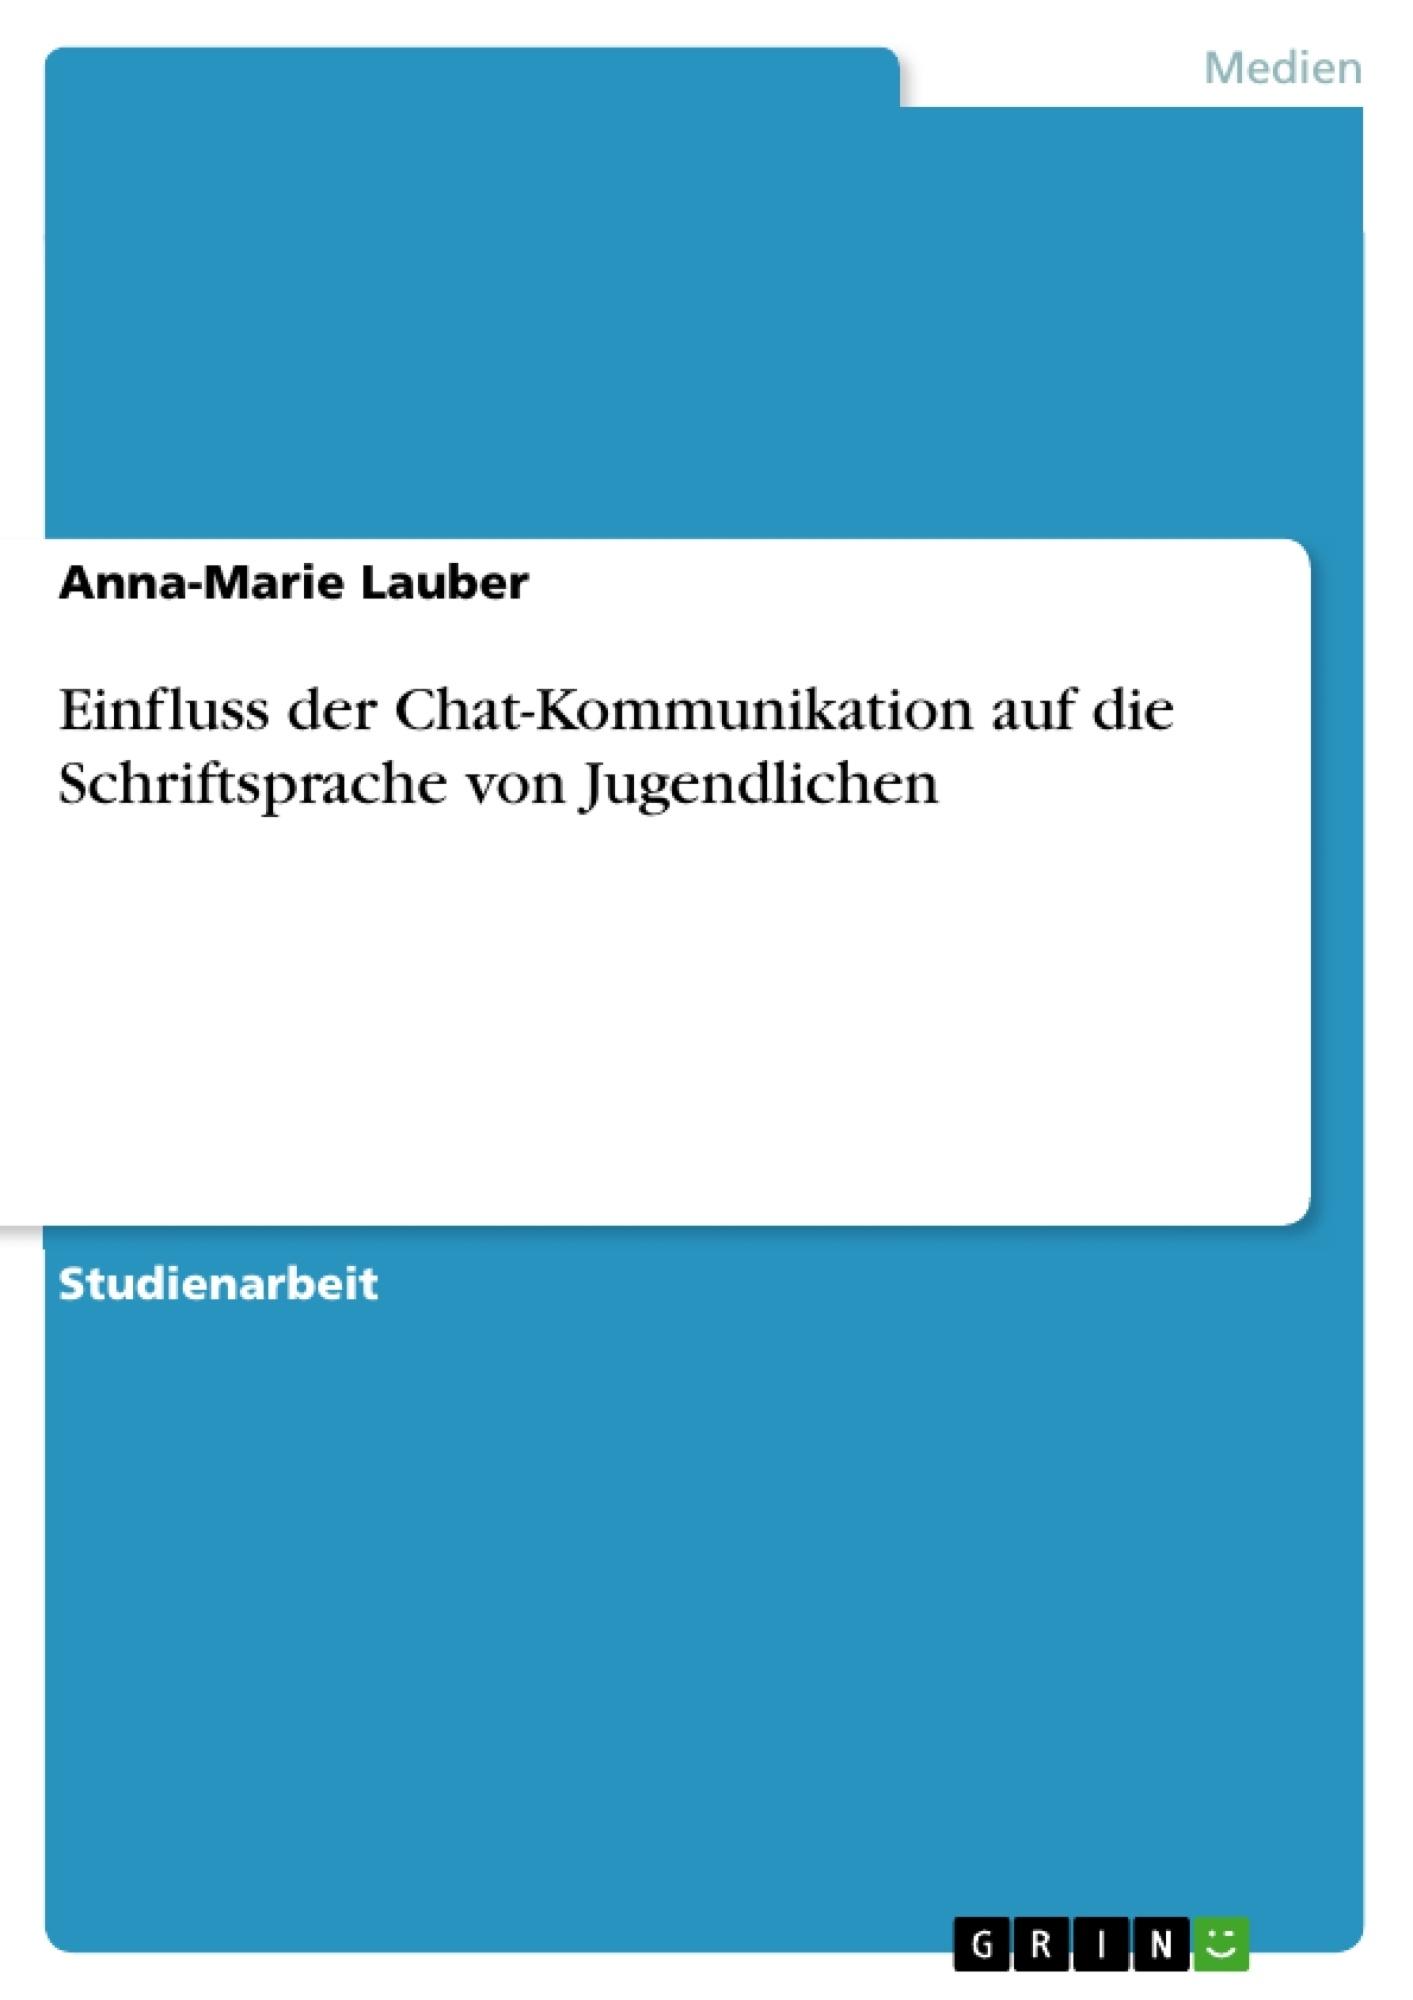 Titel: Einfluss der Chat-Kommunikation auf die Schriftsprache von Jugendlichen